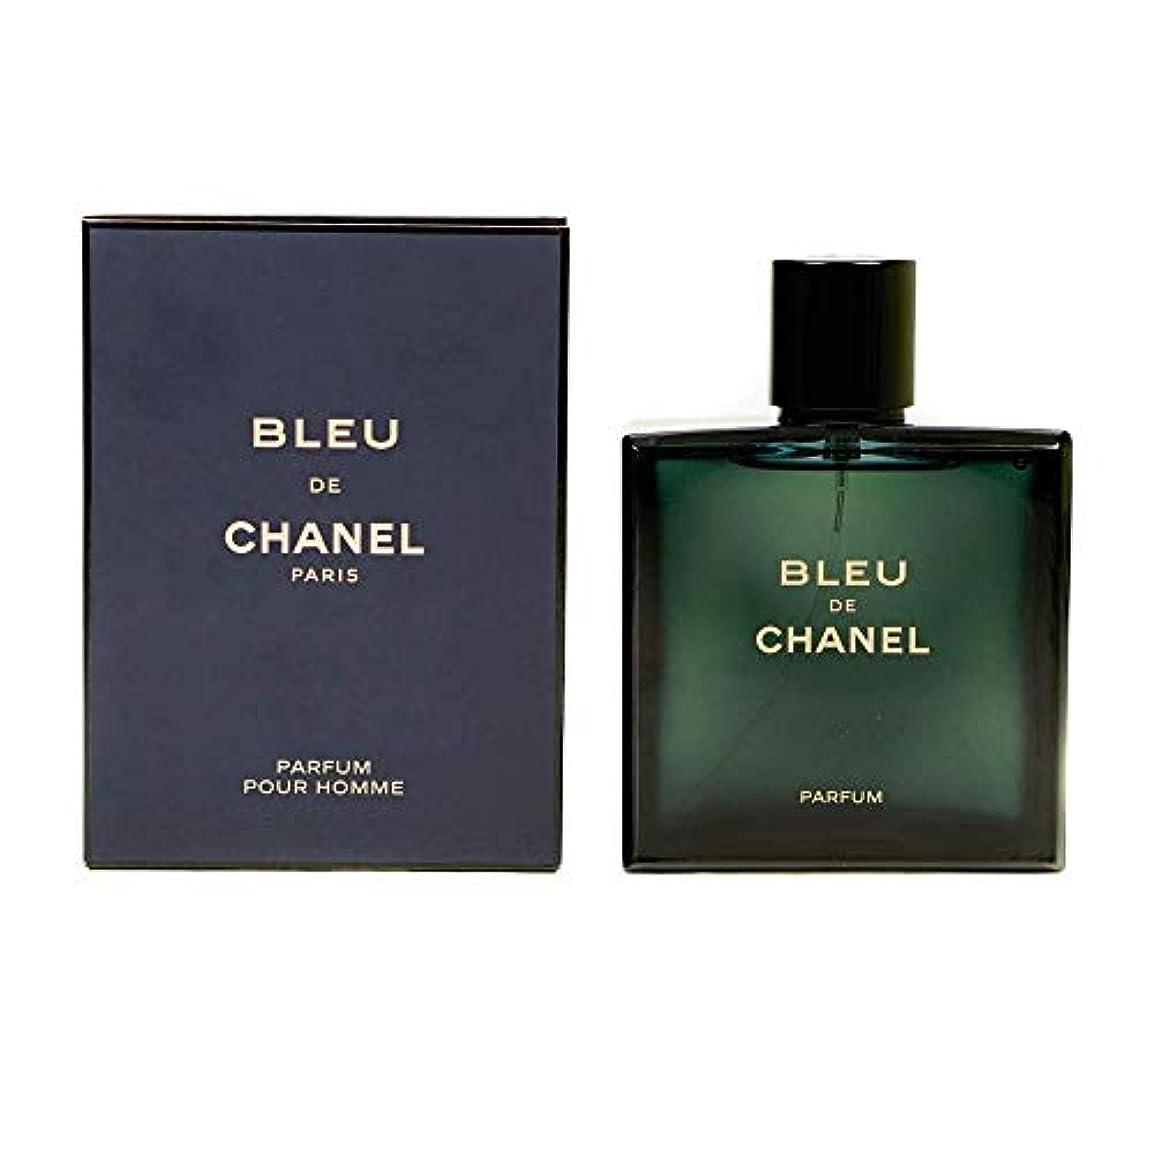 池ストリームチャーミングシャネル CHANEL ブルー ドゥ シャネル パルファム 〔Parfum〕 100ml Pfm SP fs